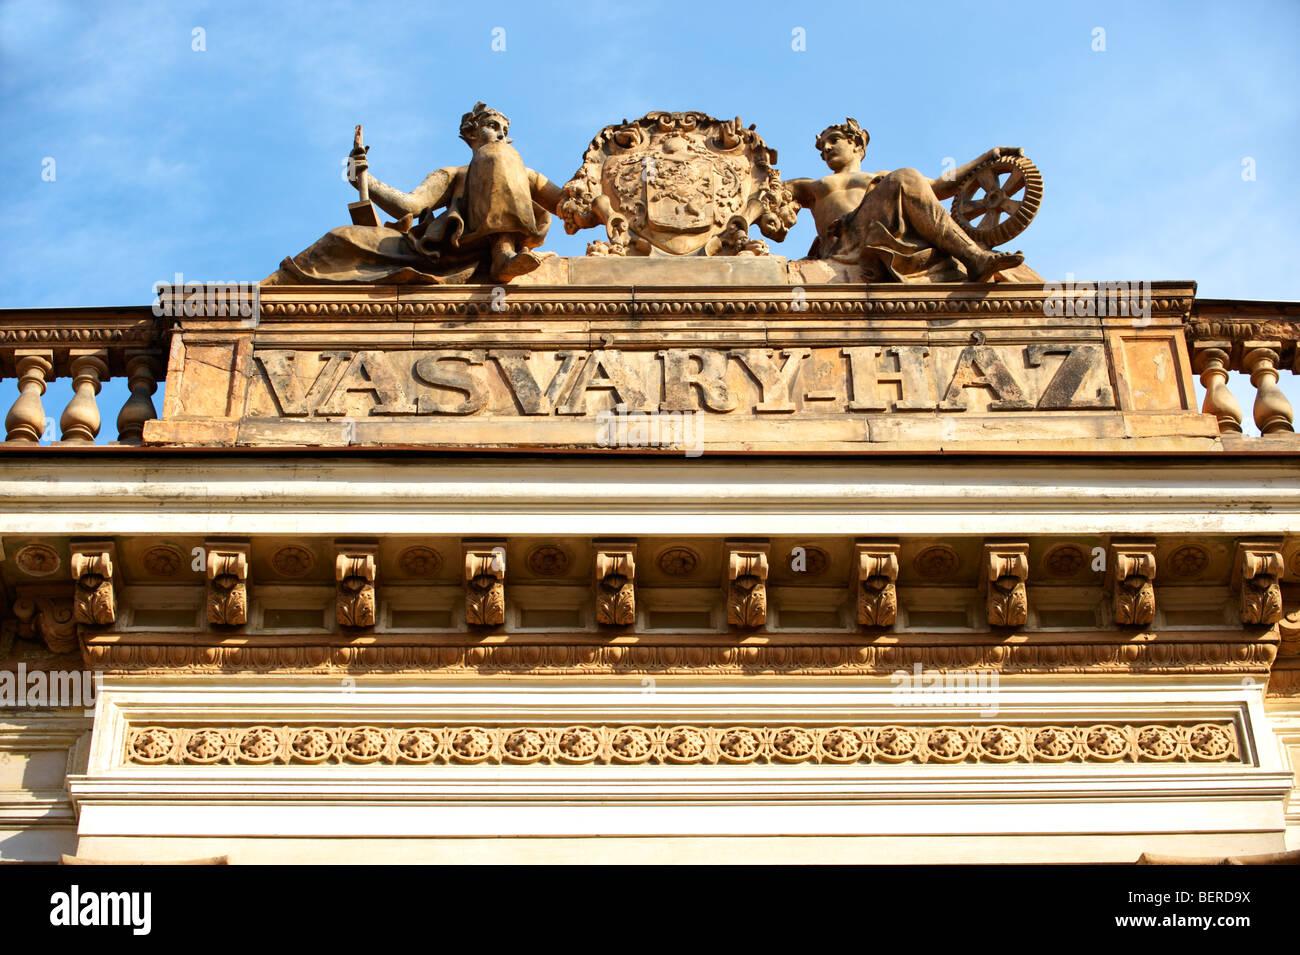 Caractéristiques architecturales Zsolnay à Pecs - Ville culturelle européenne de l'année 2010 , Hongrie Banque D'Images